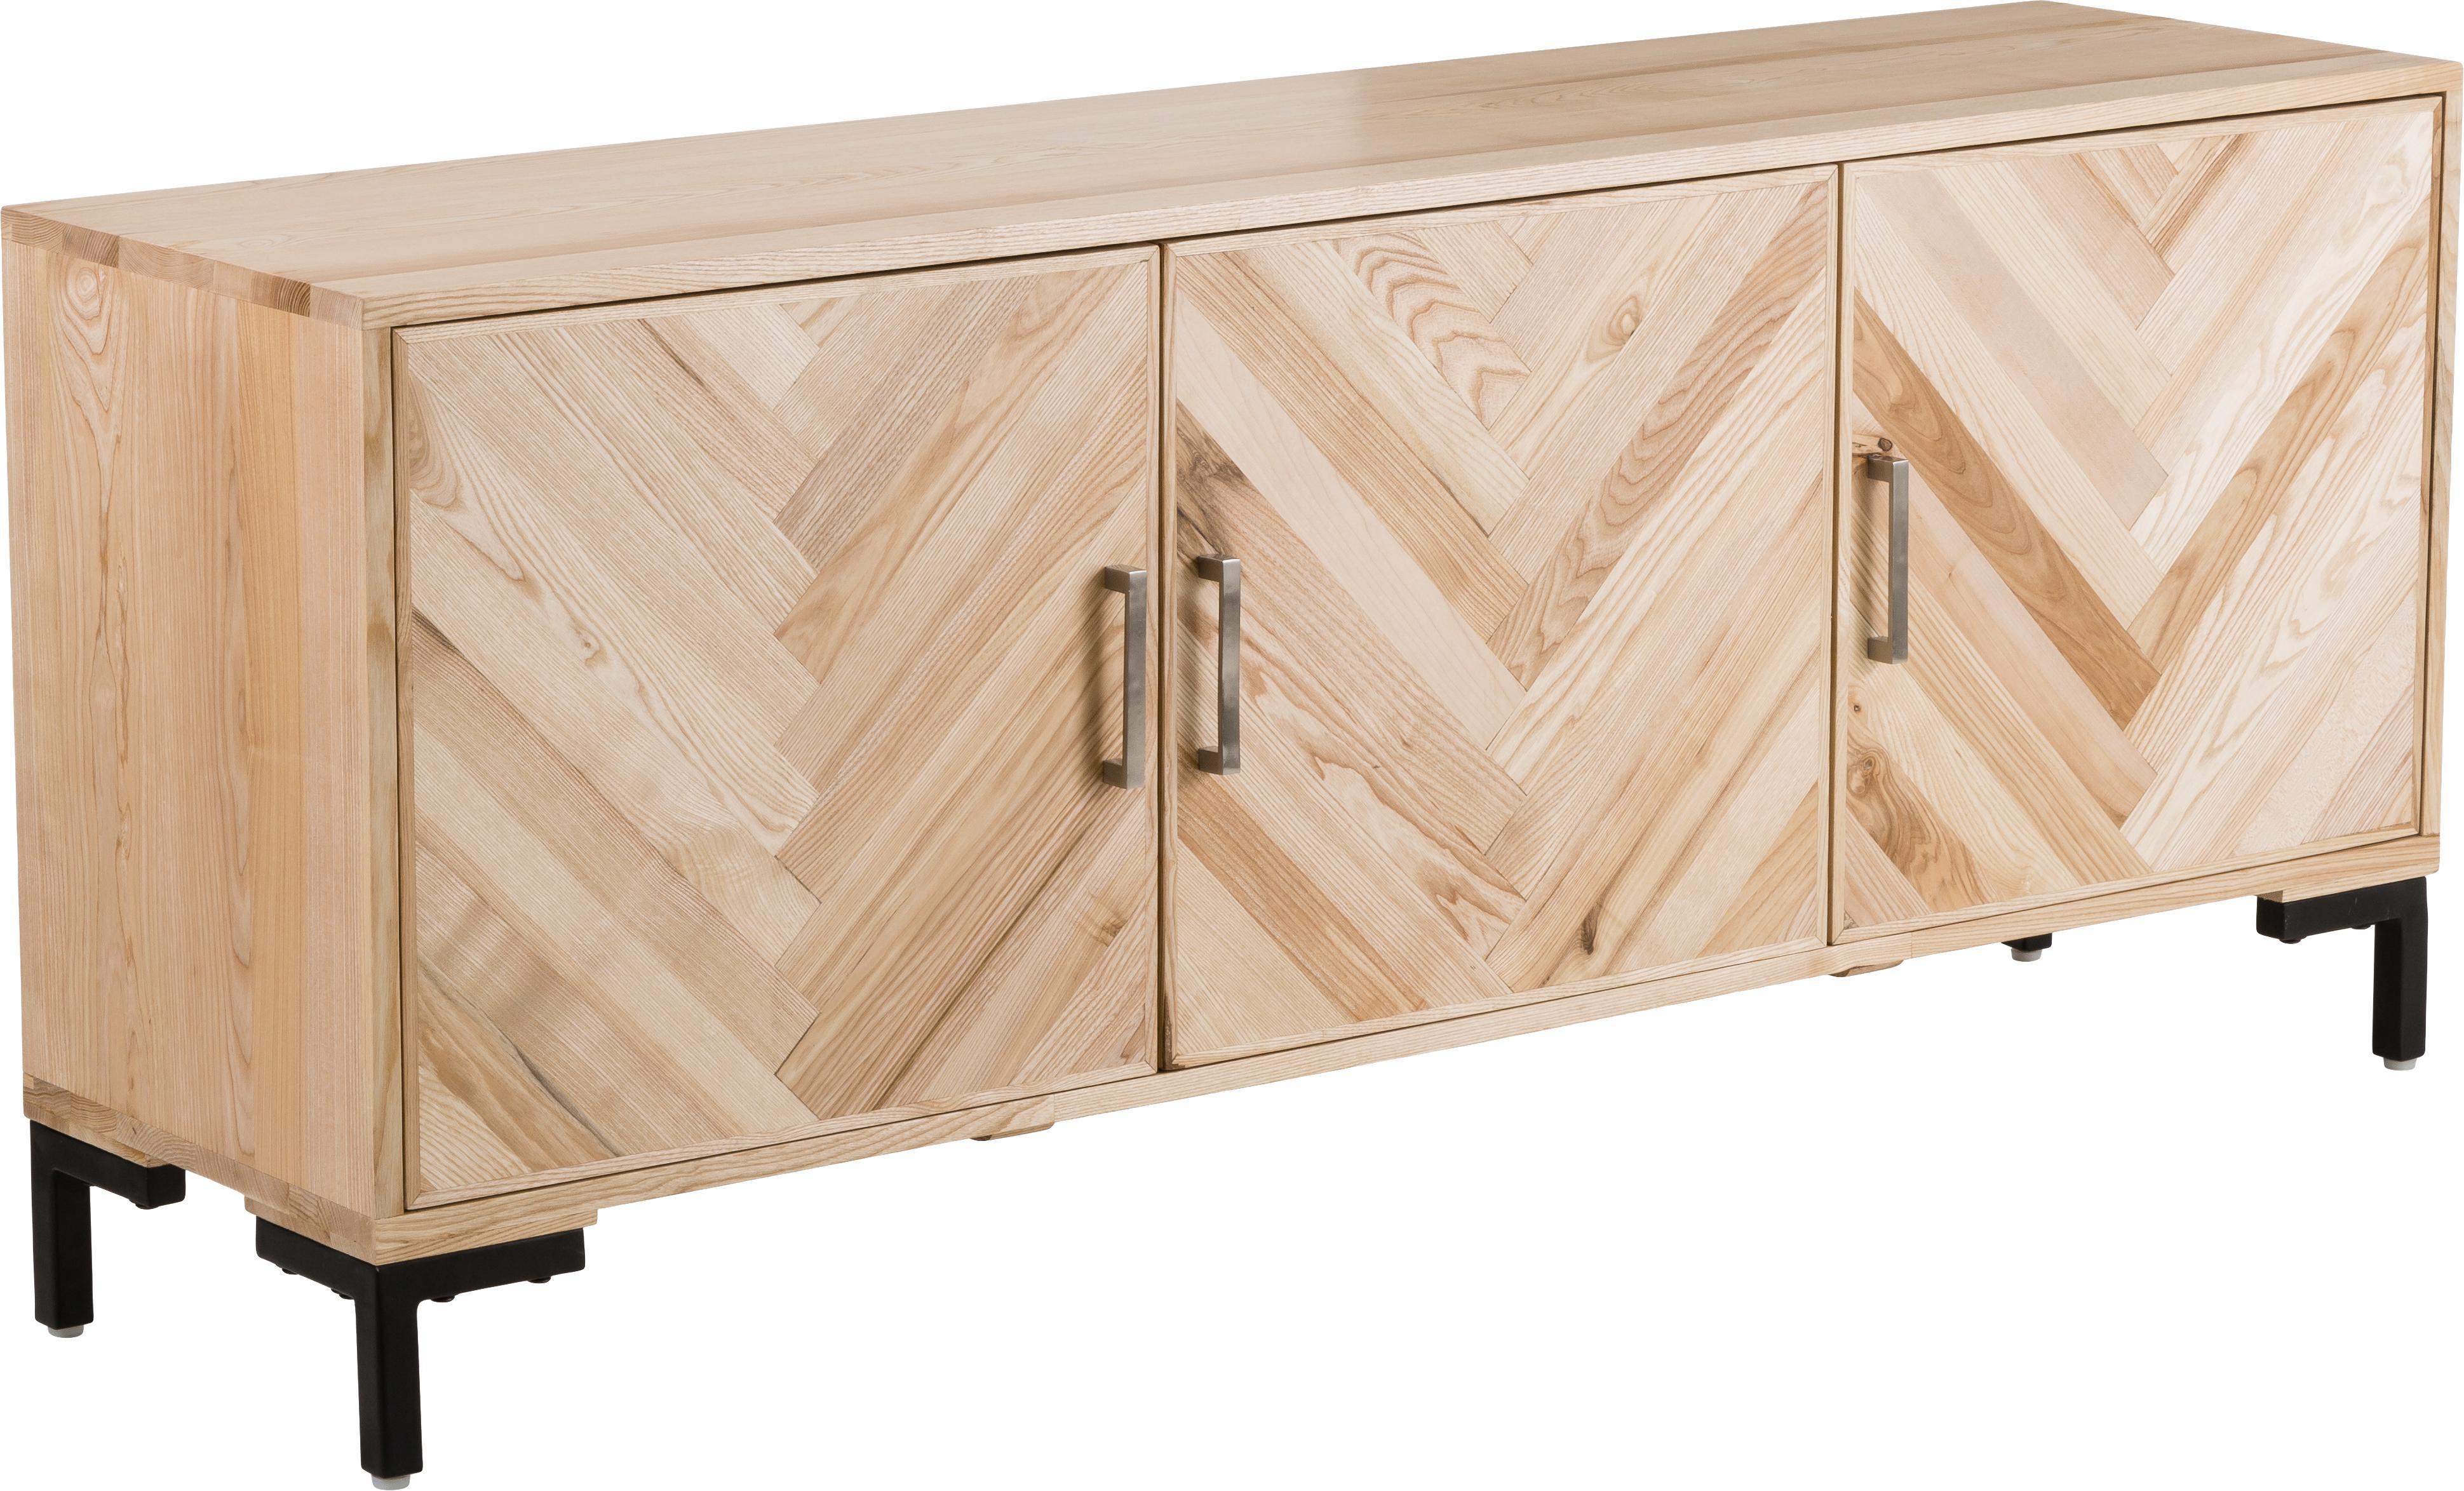 Komoda z litego drewna Leif, Korpus: masywne drewno jesionowe,, Nogi: metal malowany proszkowo, Drewno jesionowe, S 177 x W 75 cm